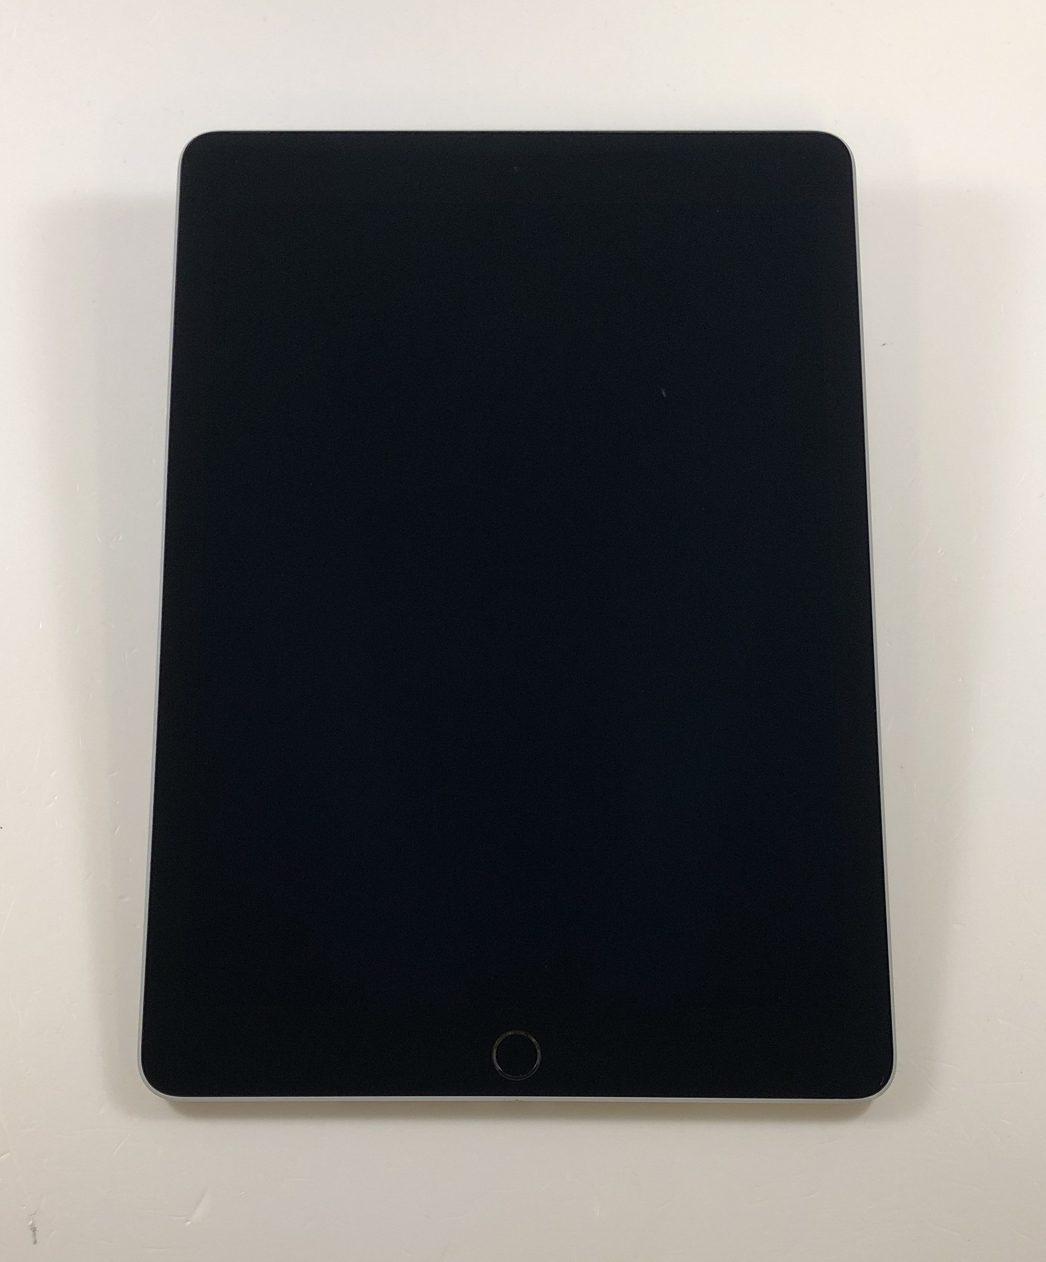 iPad Air 2 Wi-Fi 128GB, 128GB, Space Gray, obraz 1